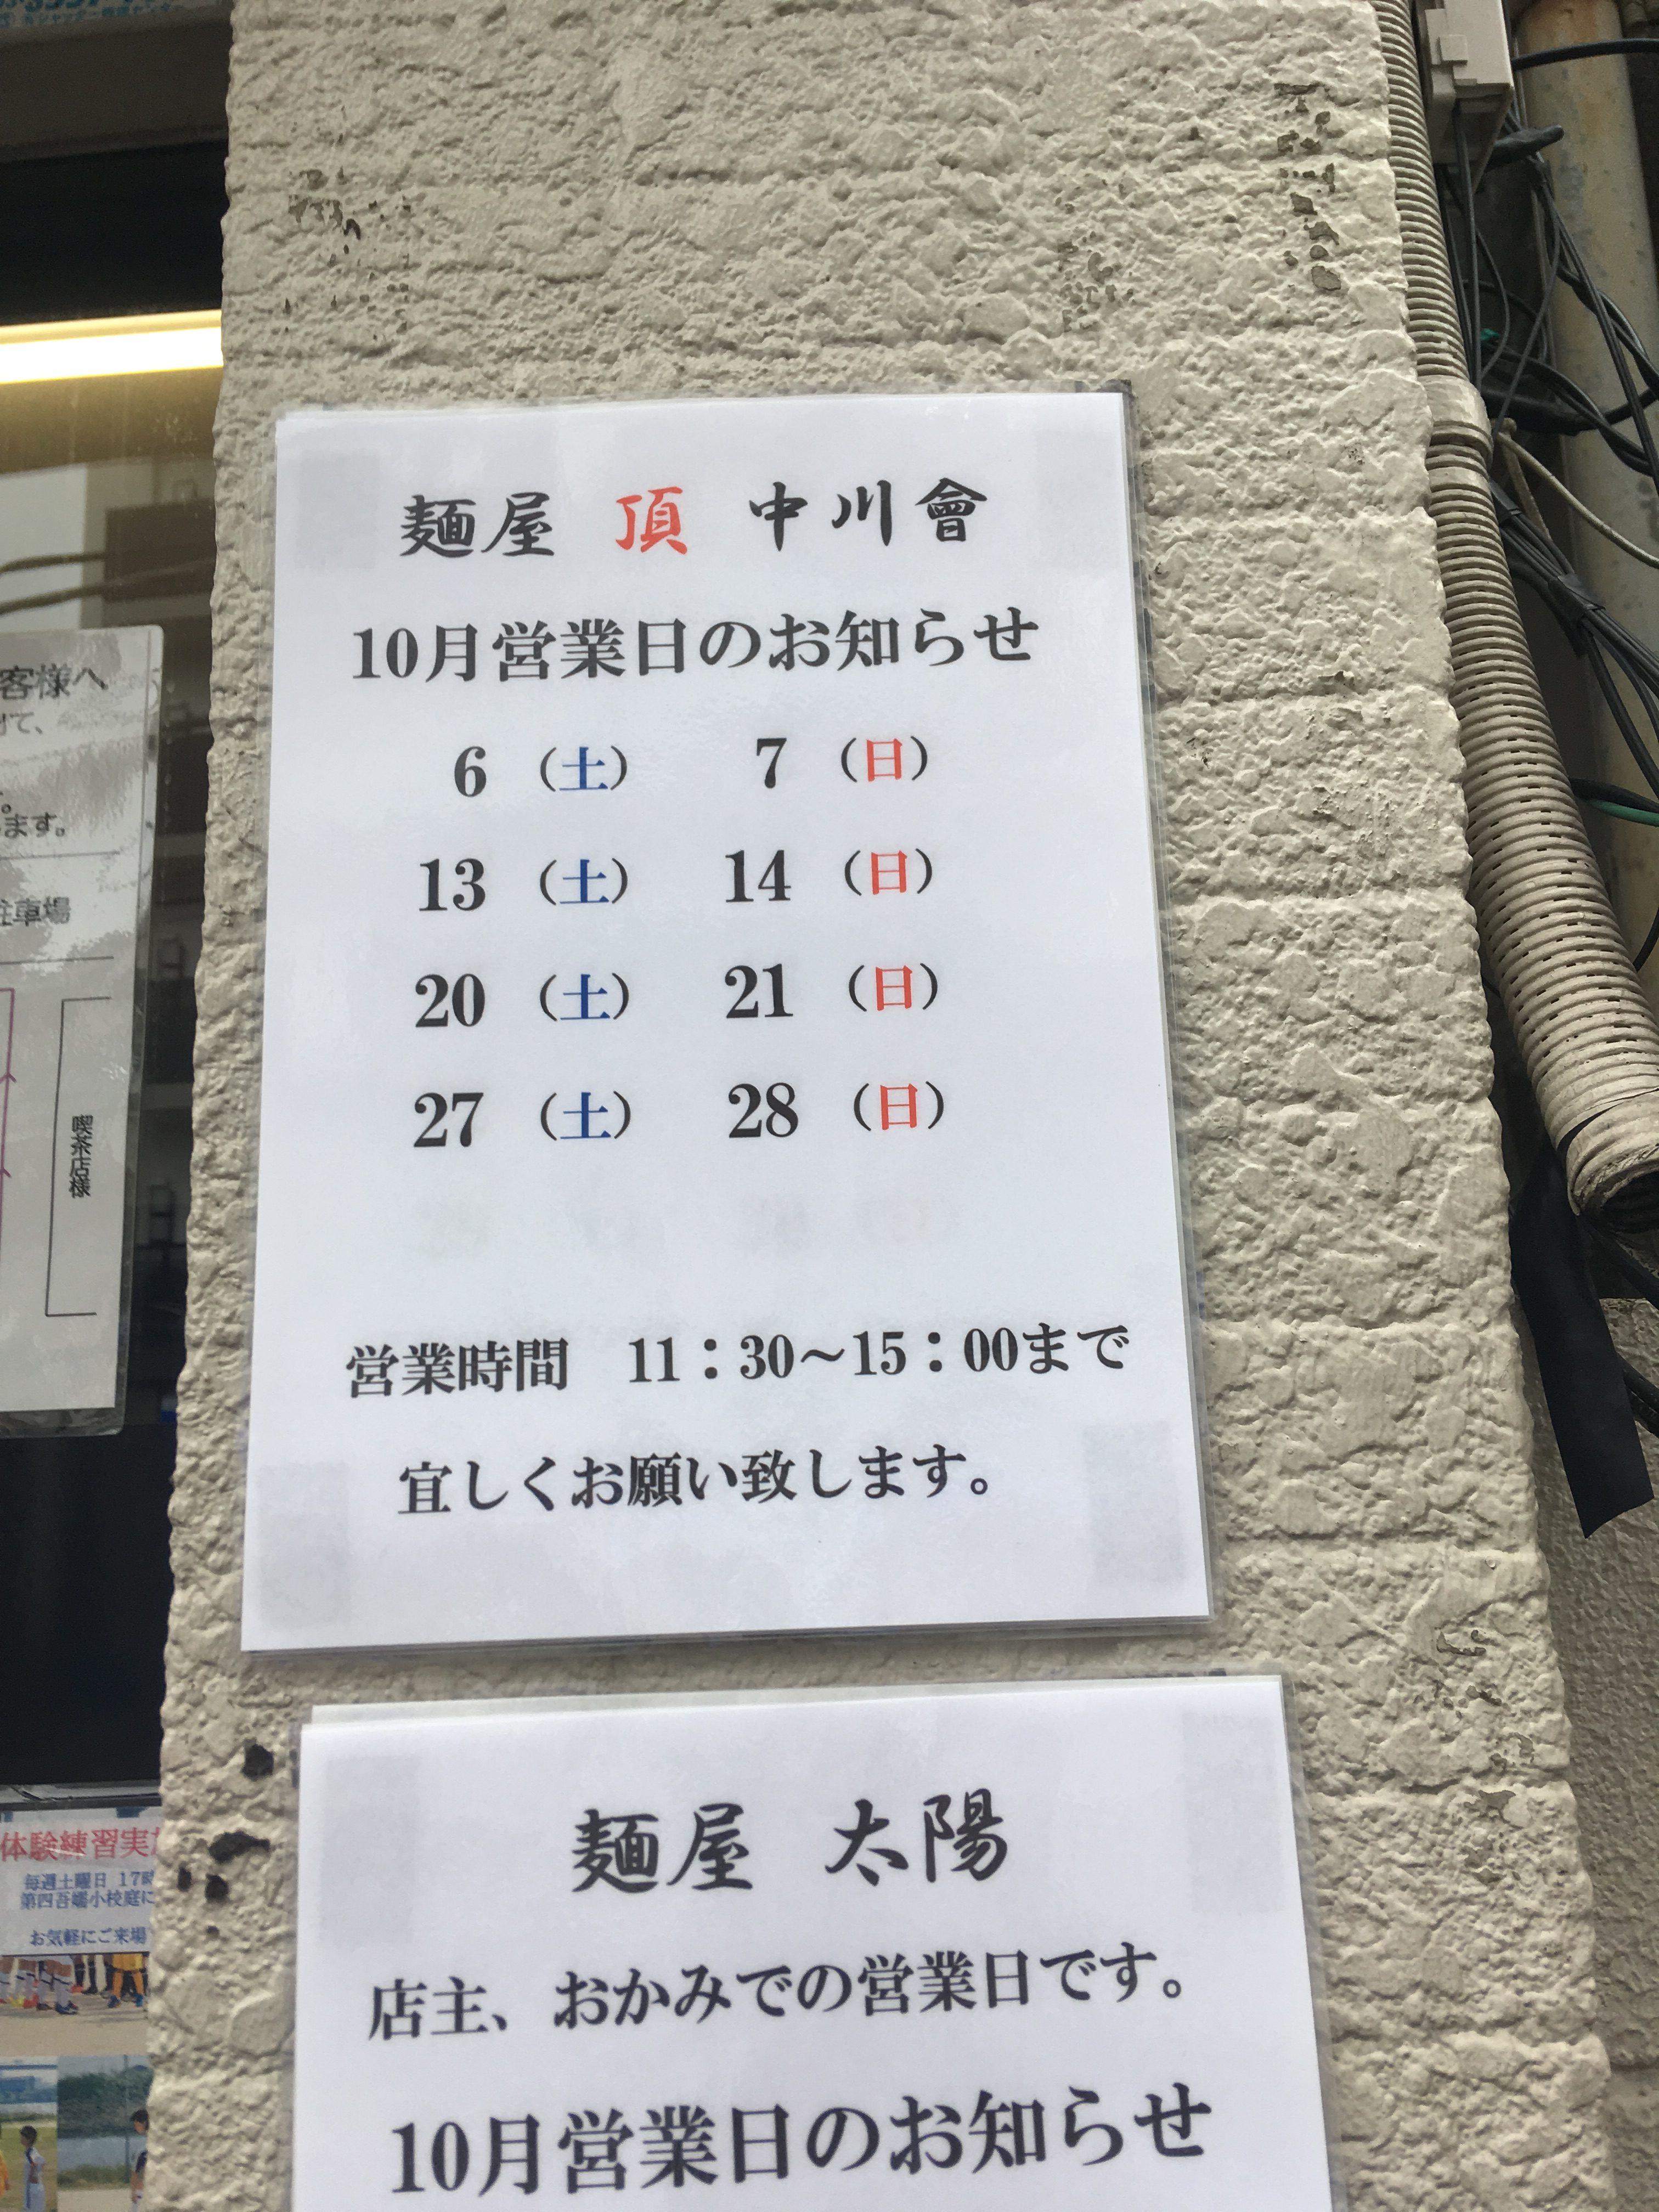 麺屋頂中川會は、土日11:30~15:00